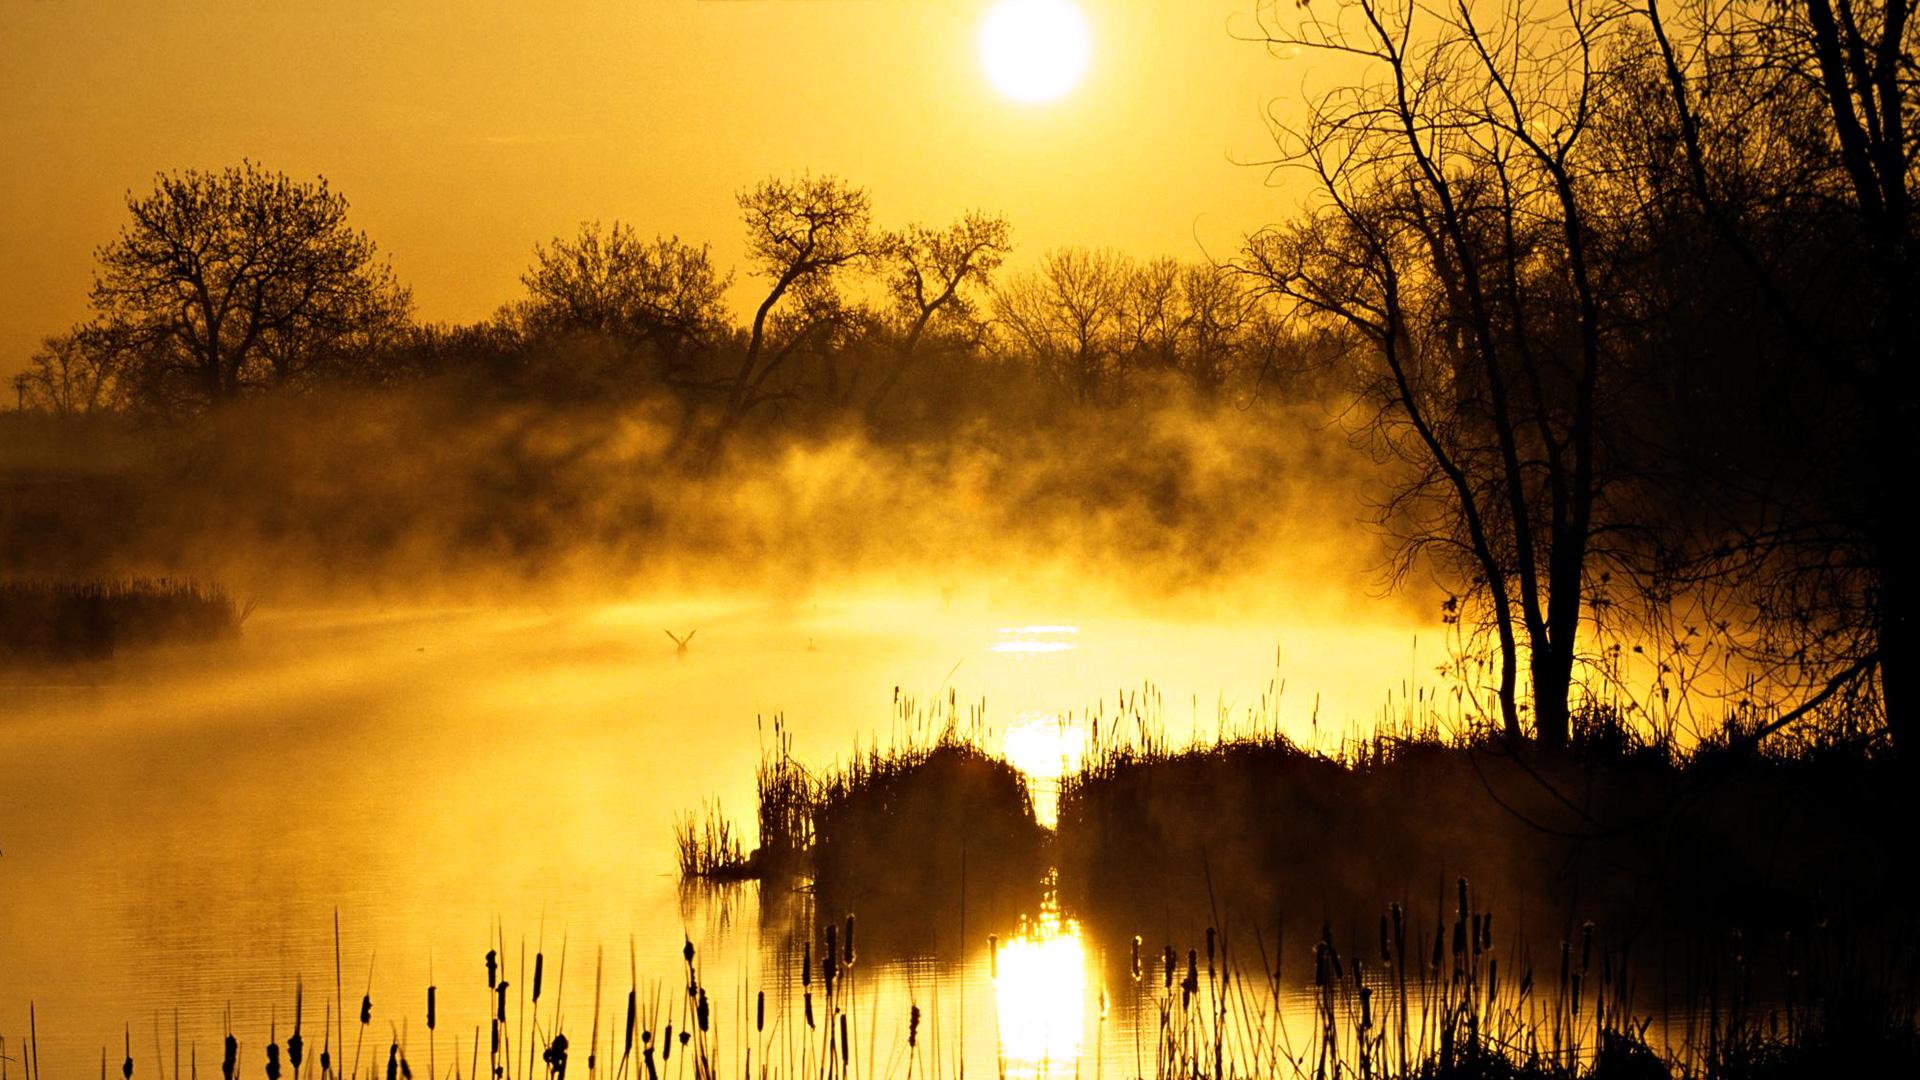 Fall Woodsy Pc Wallpaper Lake Wallpaper Mist Hd Desktop Wallpapers 4k Hd